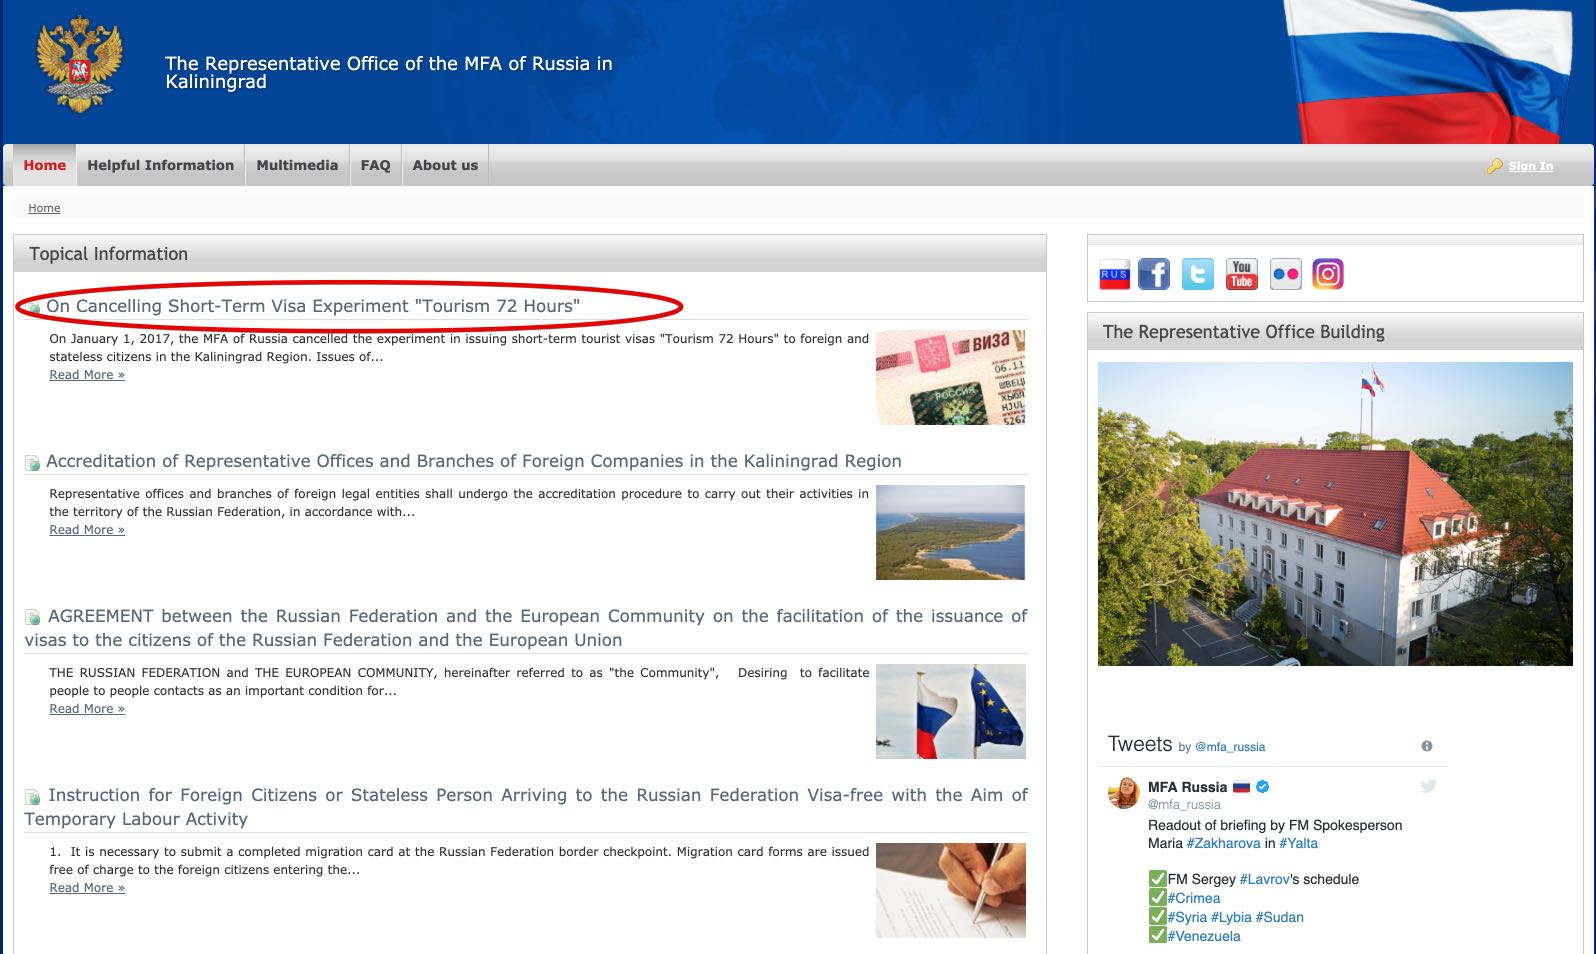 Le-Représentant-Bureau-de-l'AMF-de-Russie-à-Kaliningrad-Annuler-Visa-sans-visa-72 heures